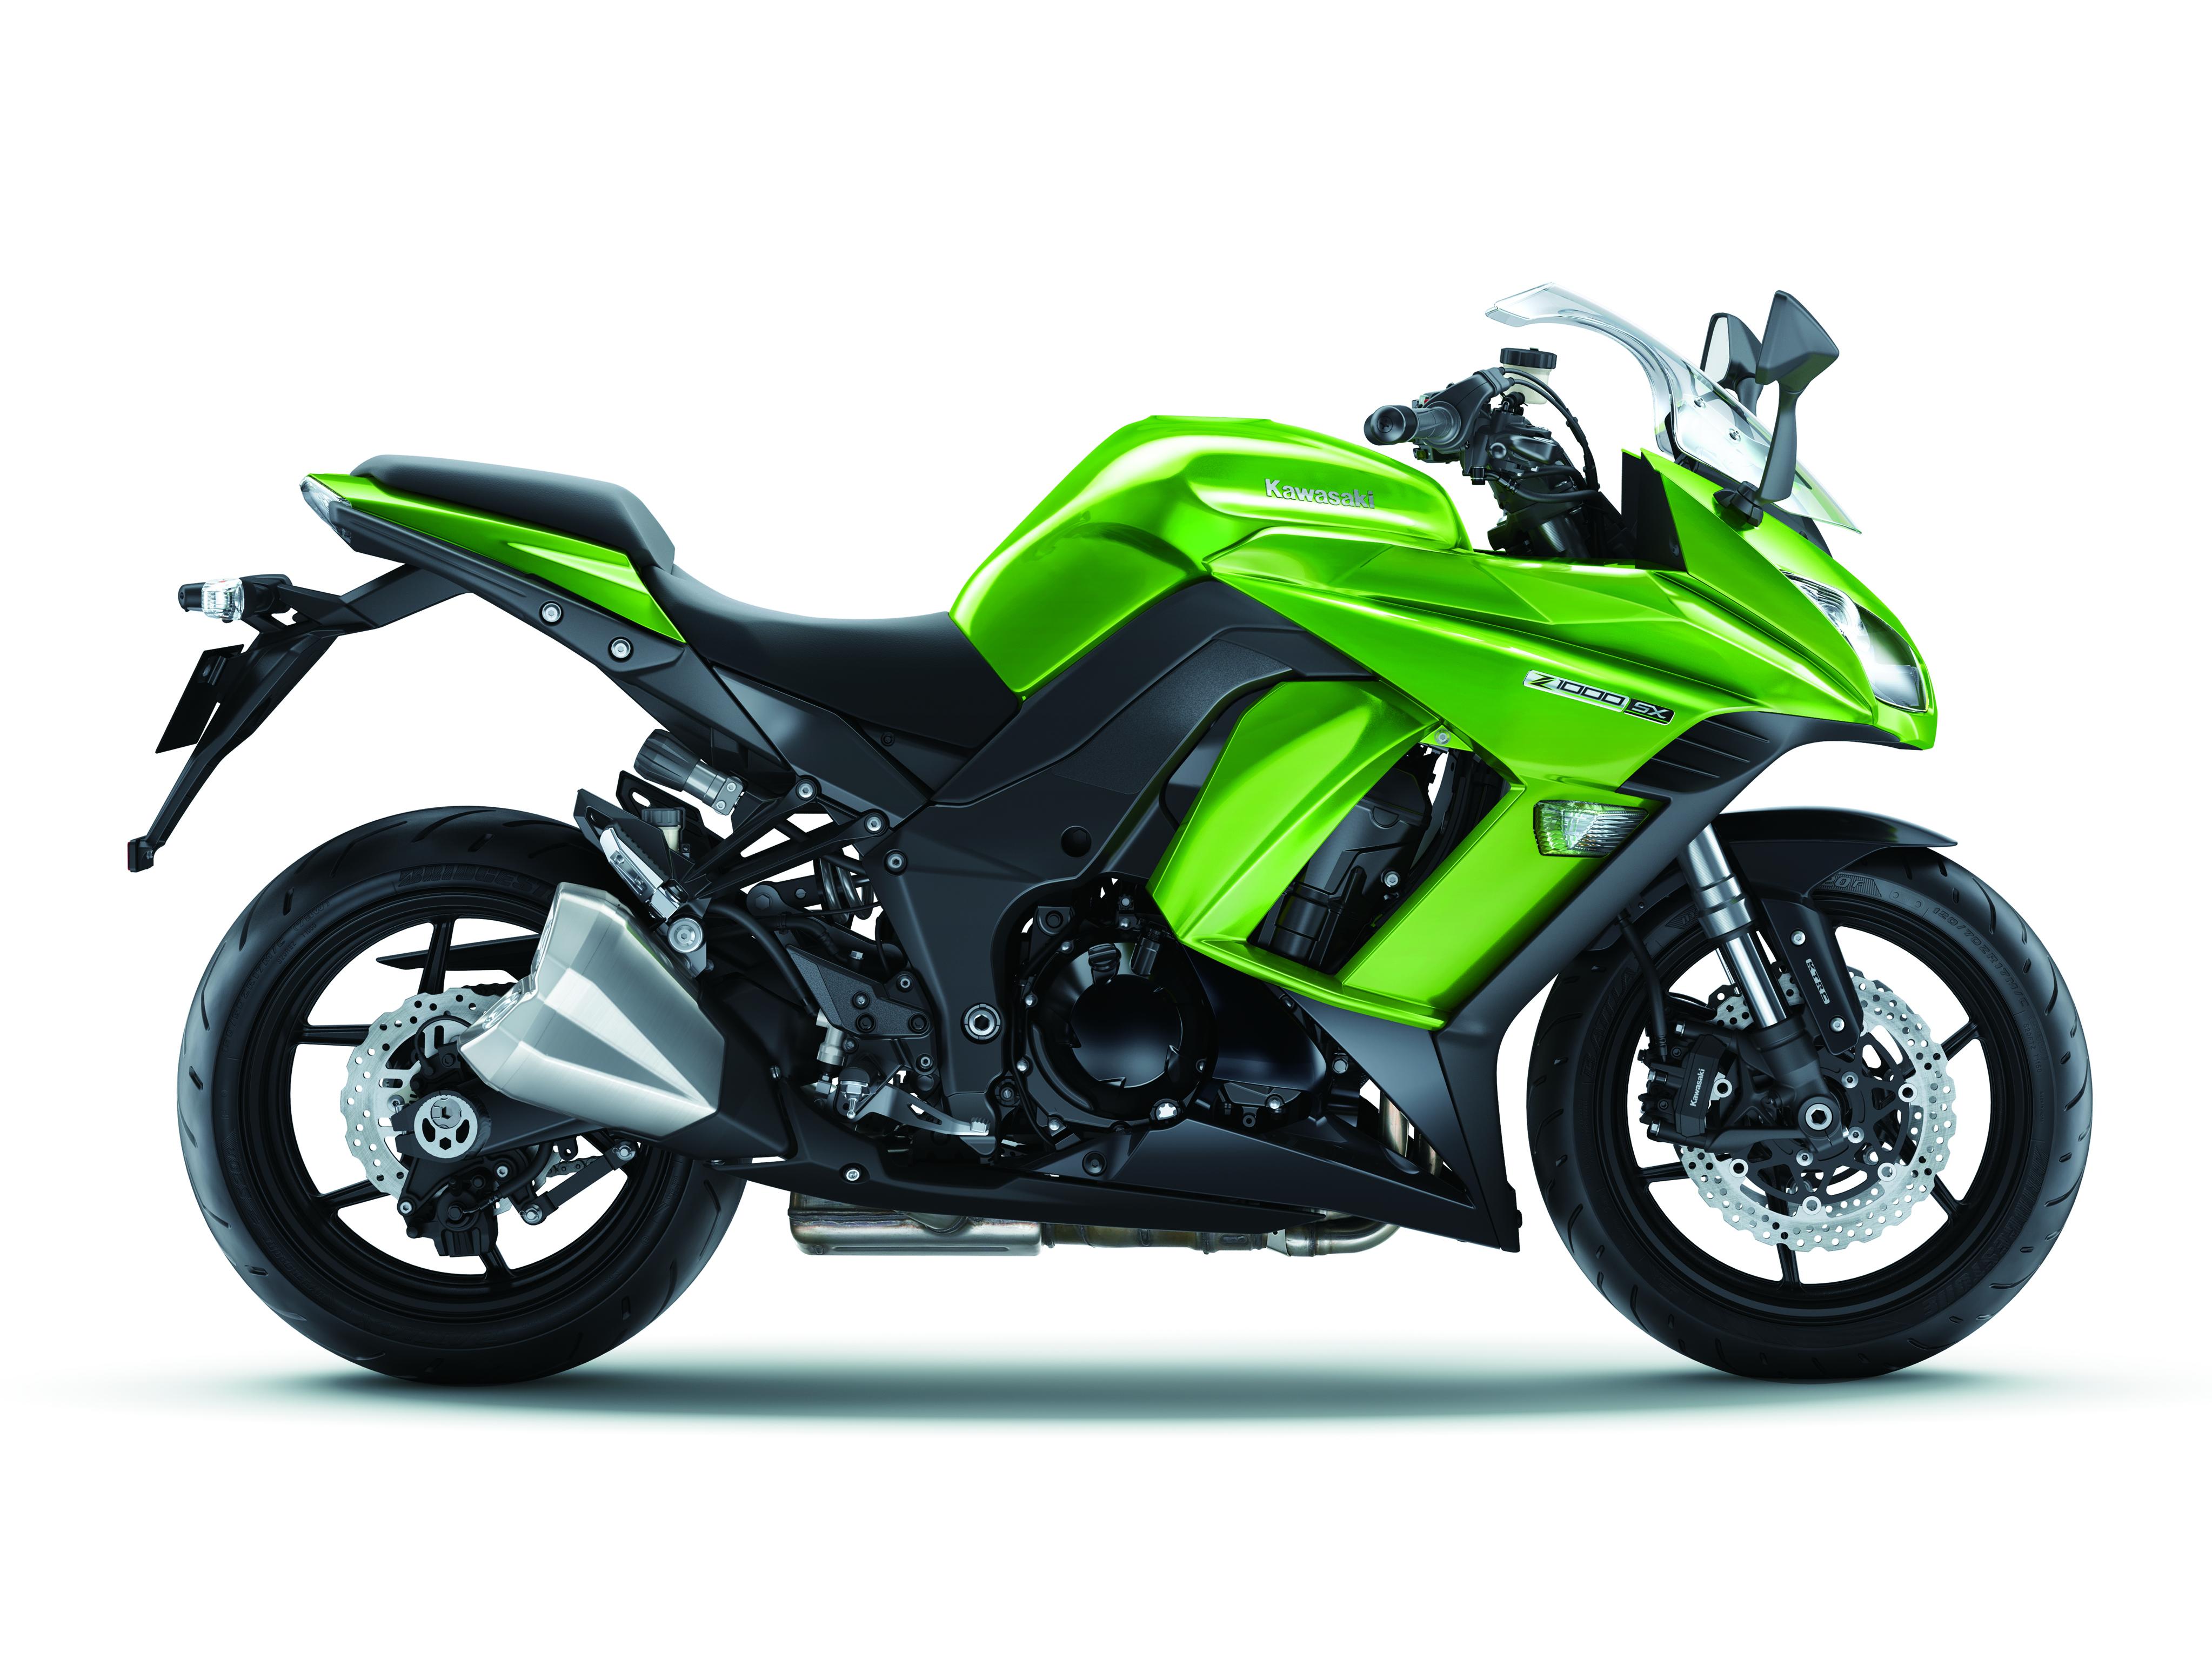 2014 Kawasaki Z1000SX: the rivals